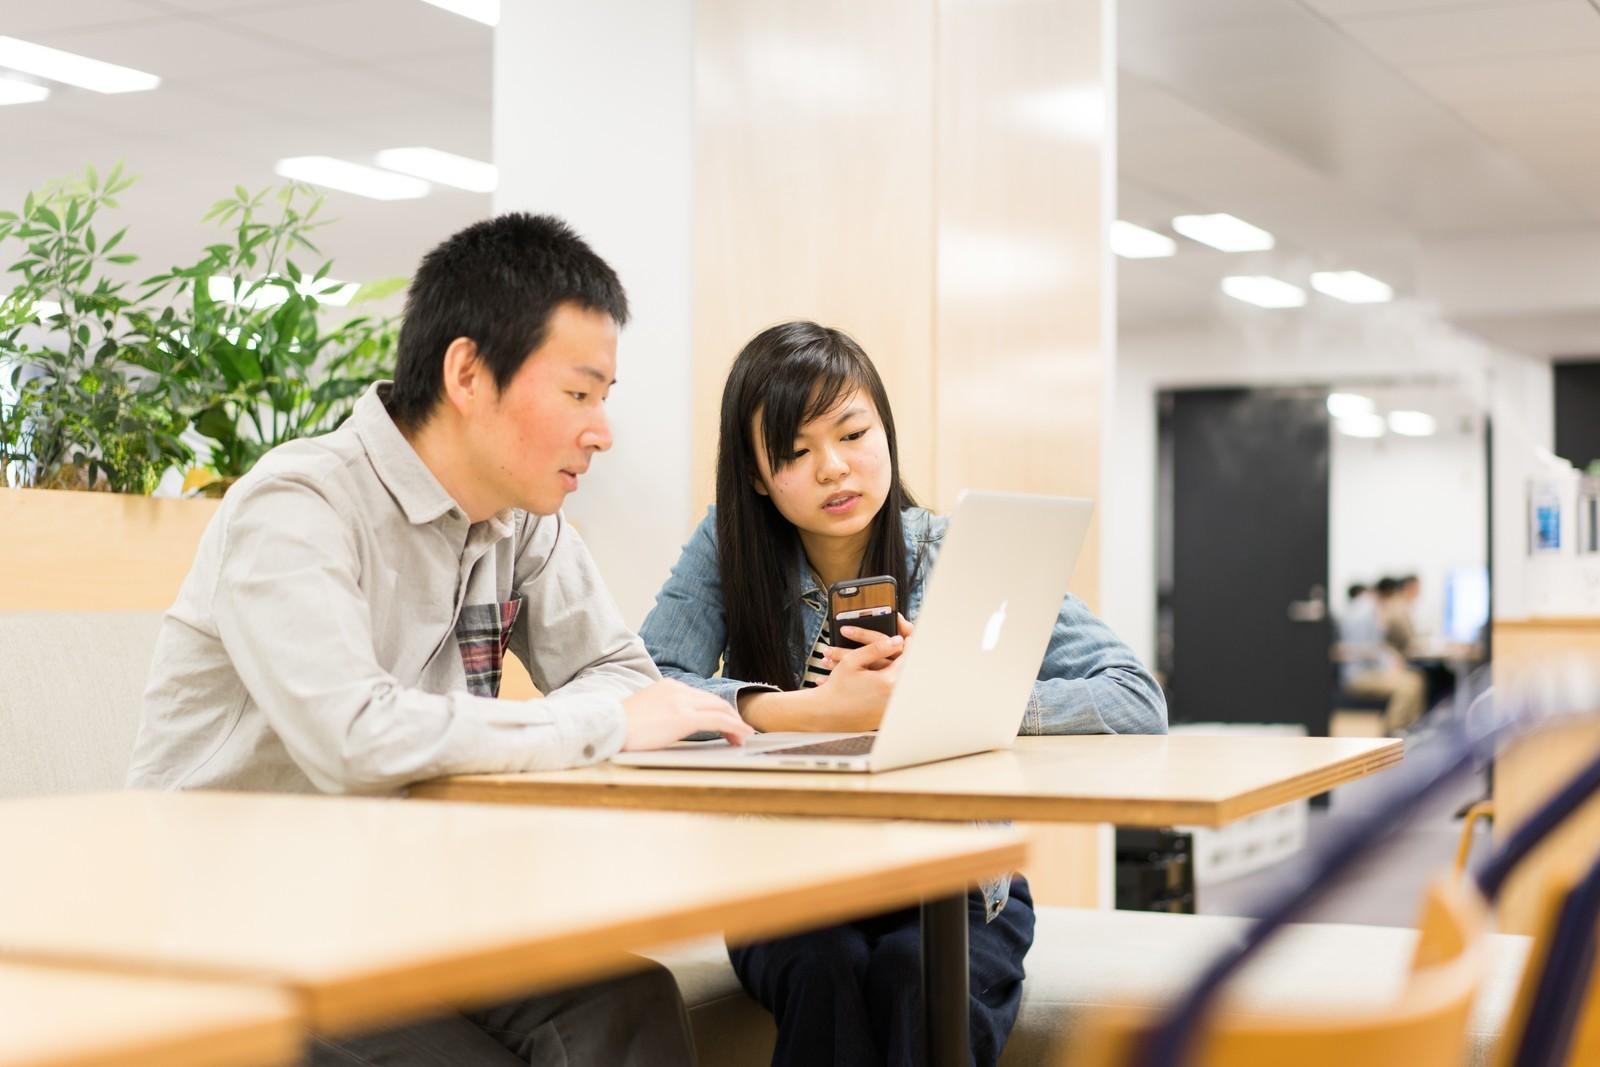 マネーフォワードで『日本No.1お金のサービスを創り上げる』Railsエンジニア募集!